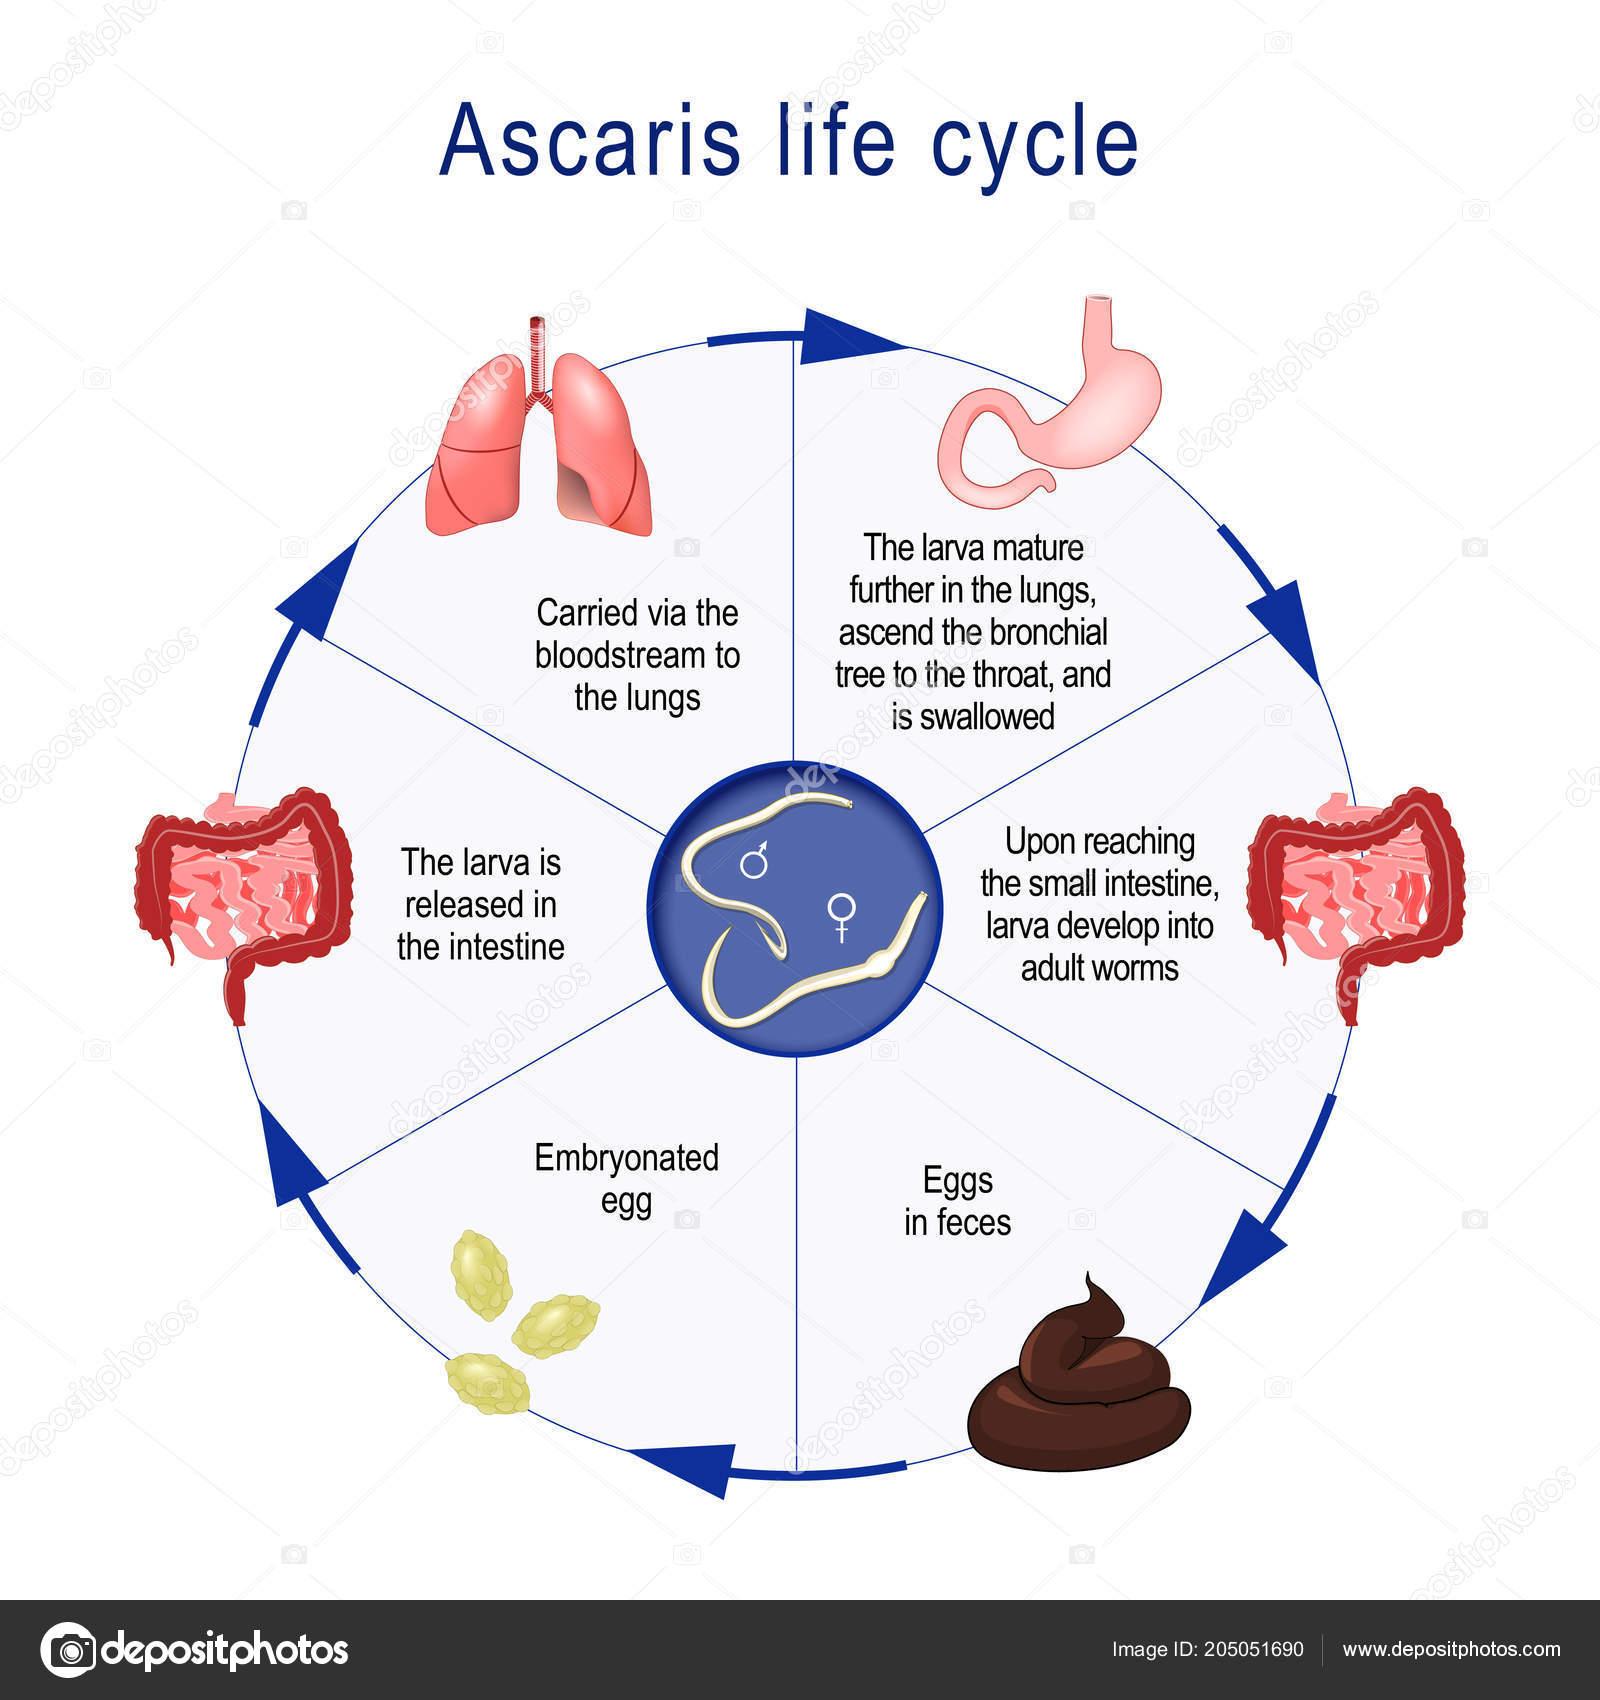 nevezze meg az emberi ascaris fertőzés módjait tisztítsa meg az egész testet a parazitáktól